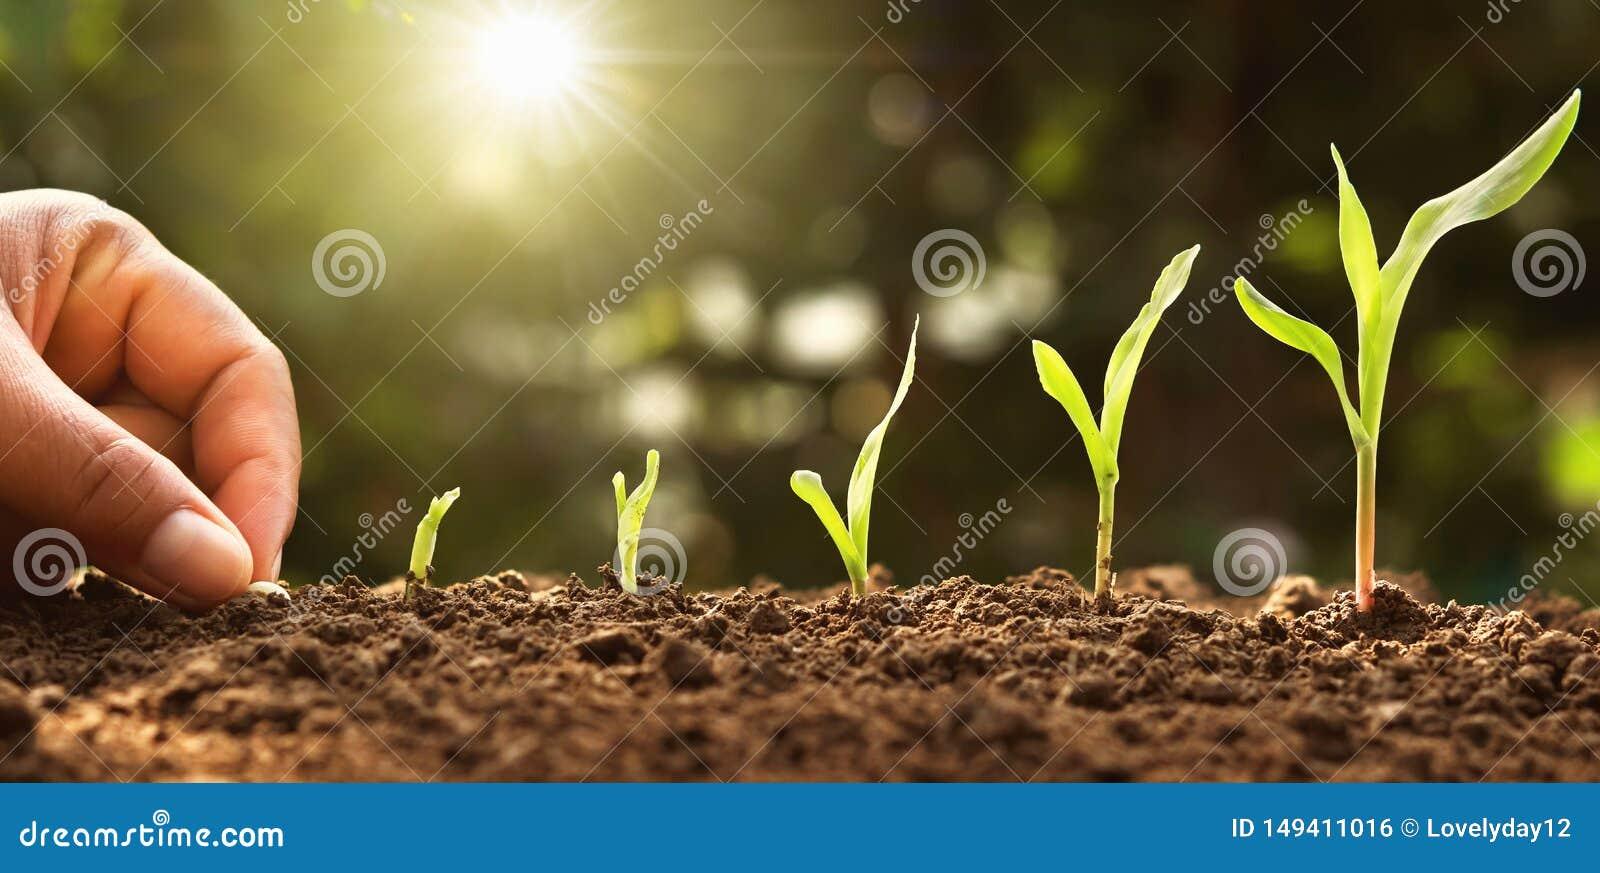 Main plantant la graine de ma?s de la moelle /courgette dans le potager avec le soleil